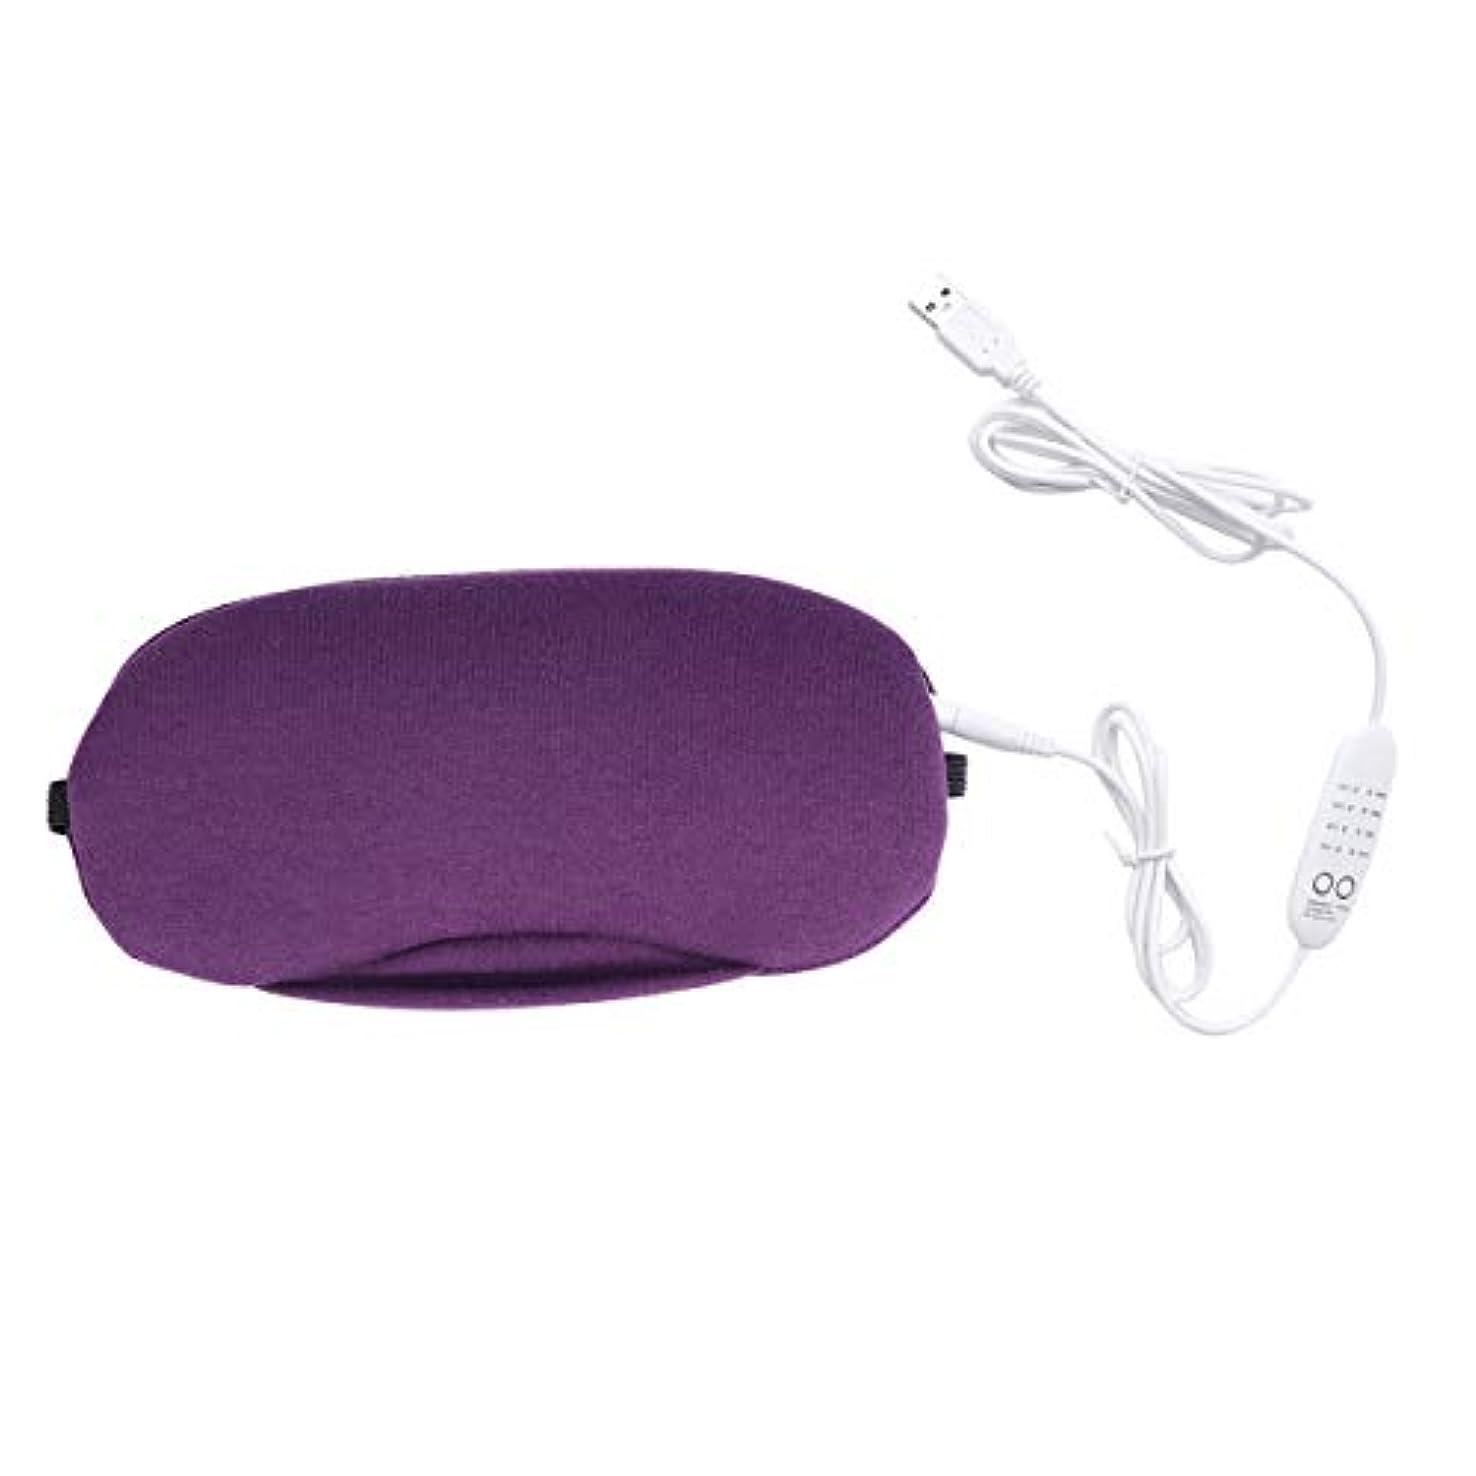 病な長さガチョウ不眠症を和らげるためのHealifty USBスチームアイマスク目隠しホットコンプレッションアイシールドドライアイ疲労(紫色)